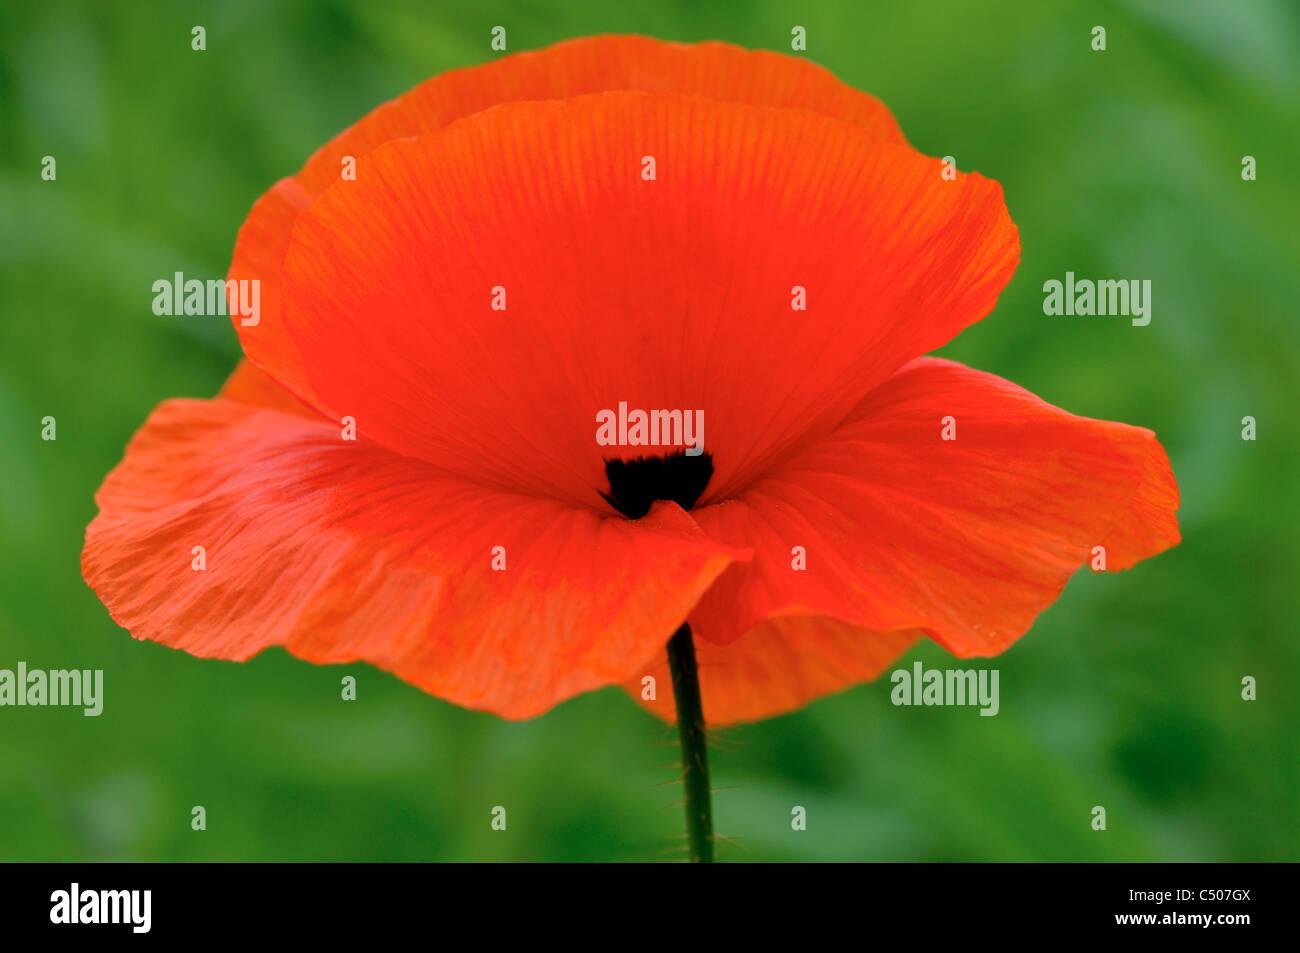 Fiore di papavero rosso con sfondo verde. Immagini Stock